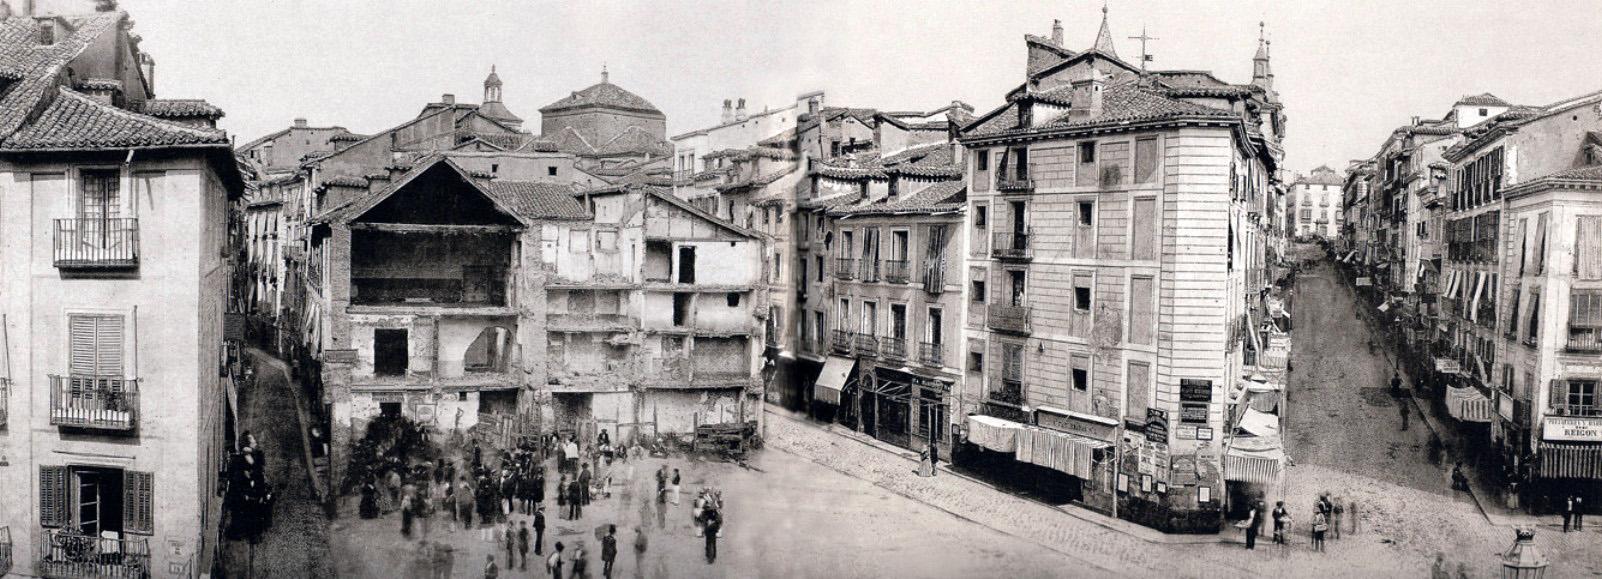 Fotos antiguas madrid portal fuenterrebollo Puerta del sol madrid fotos